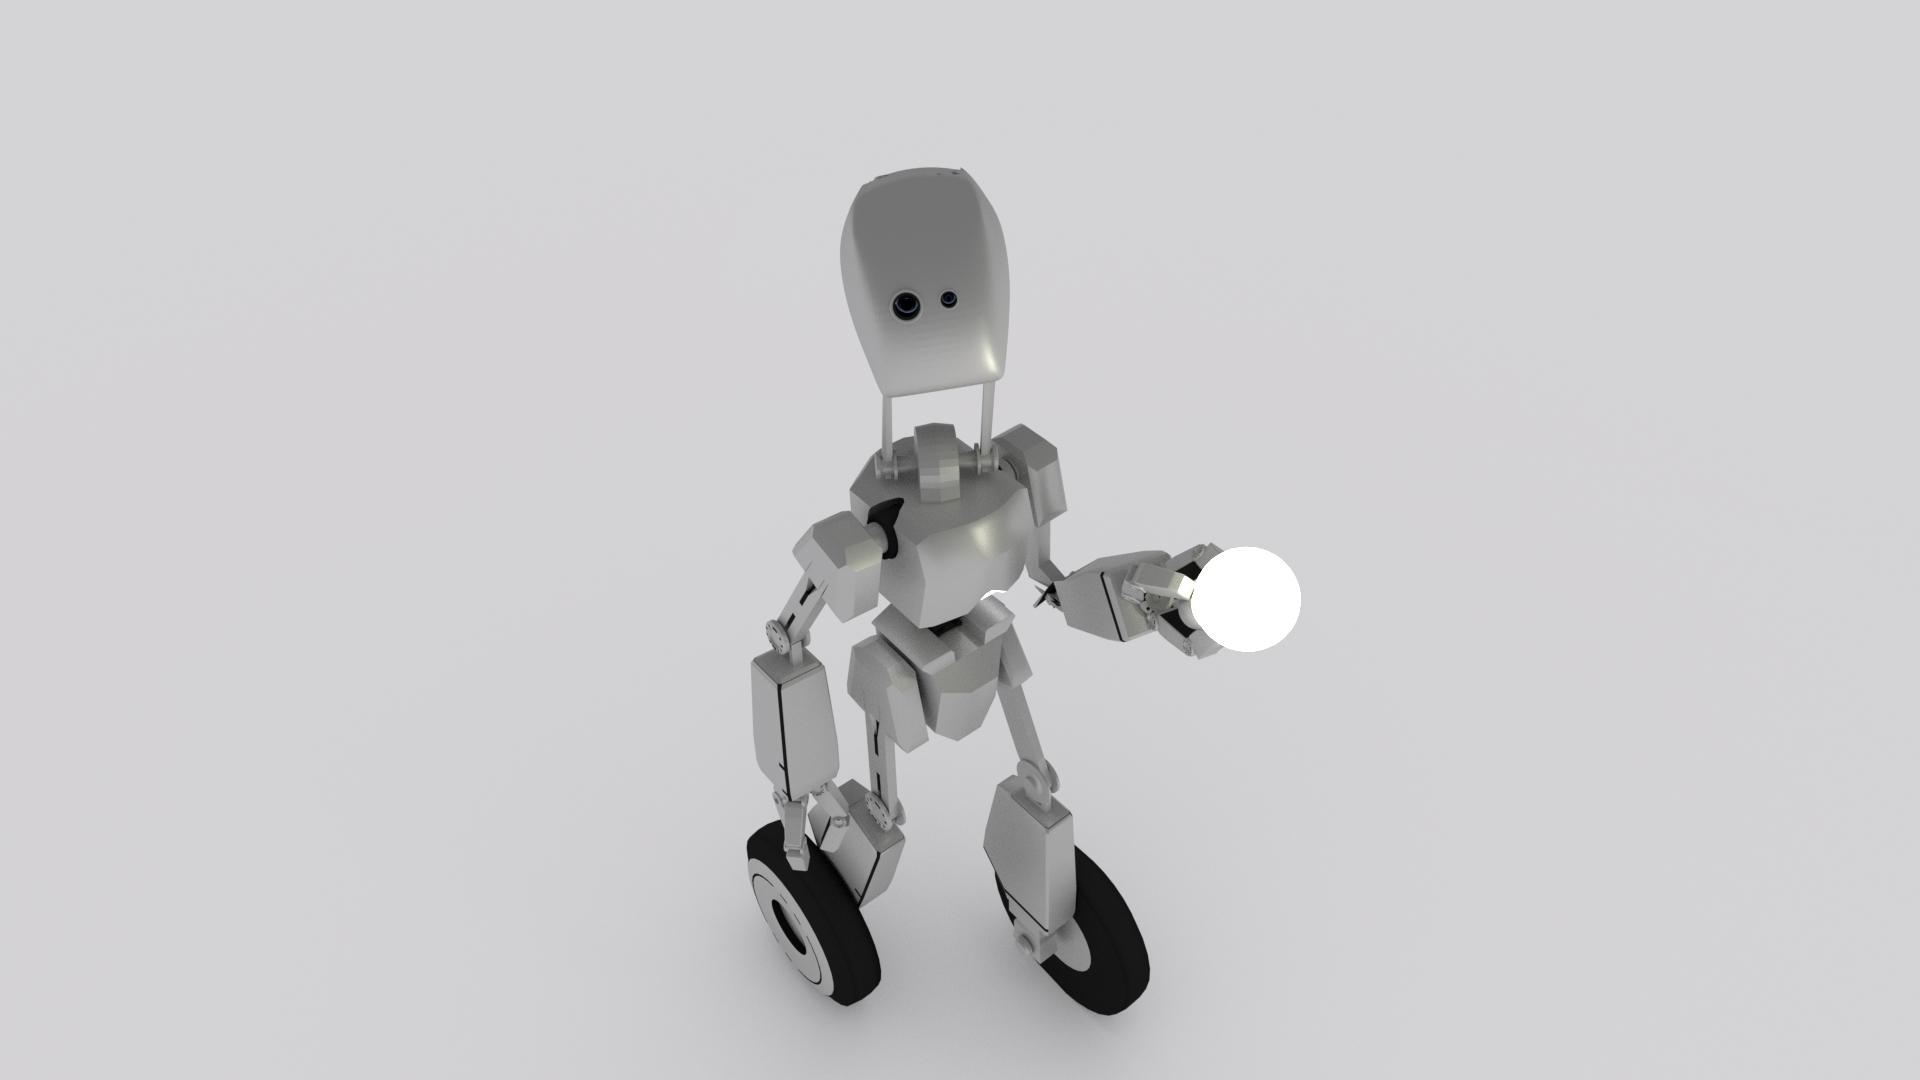 UBO le robot - solvejgdesign